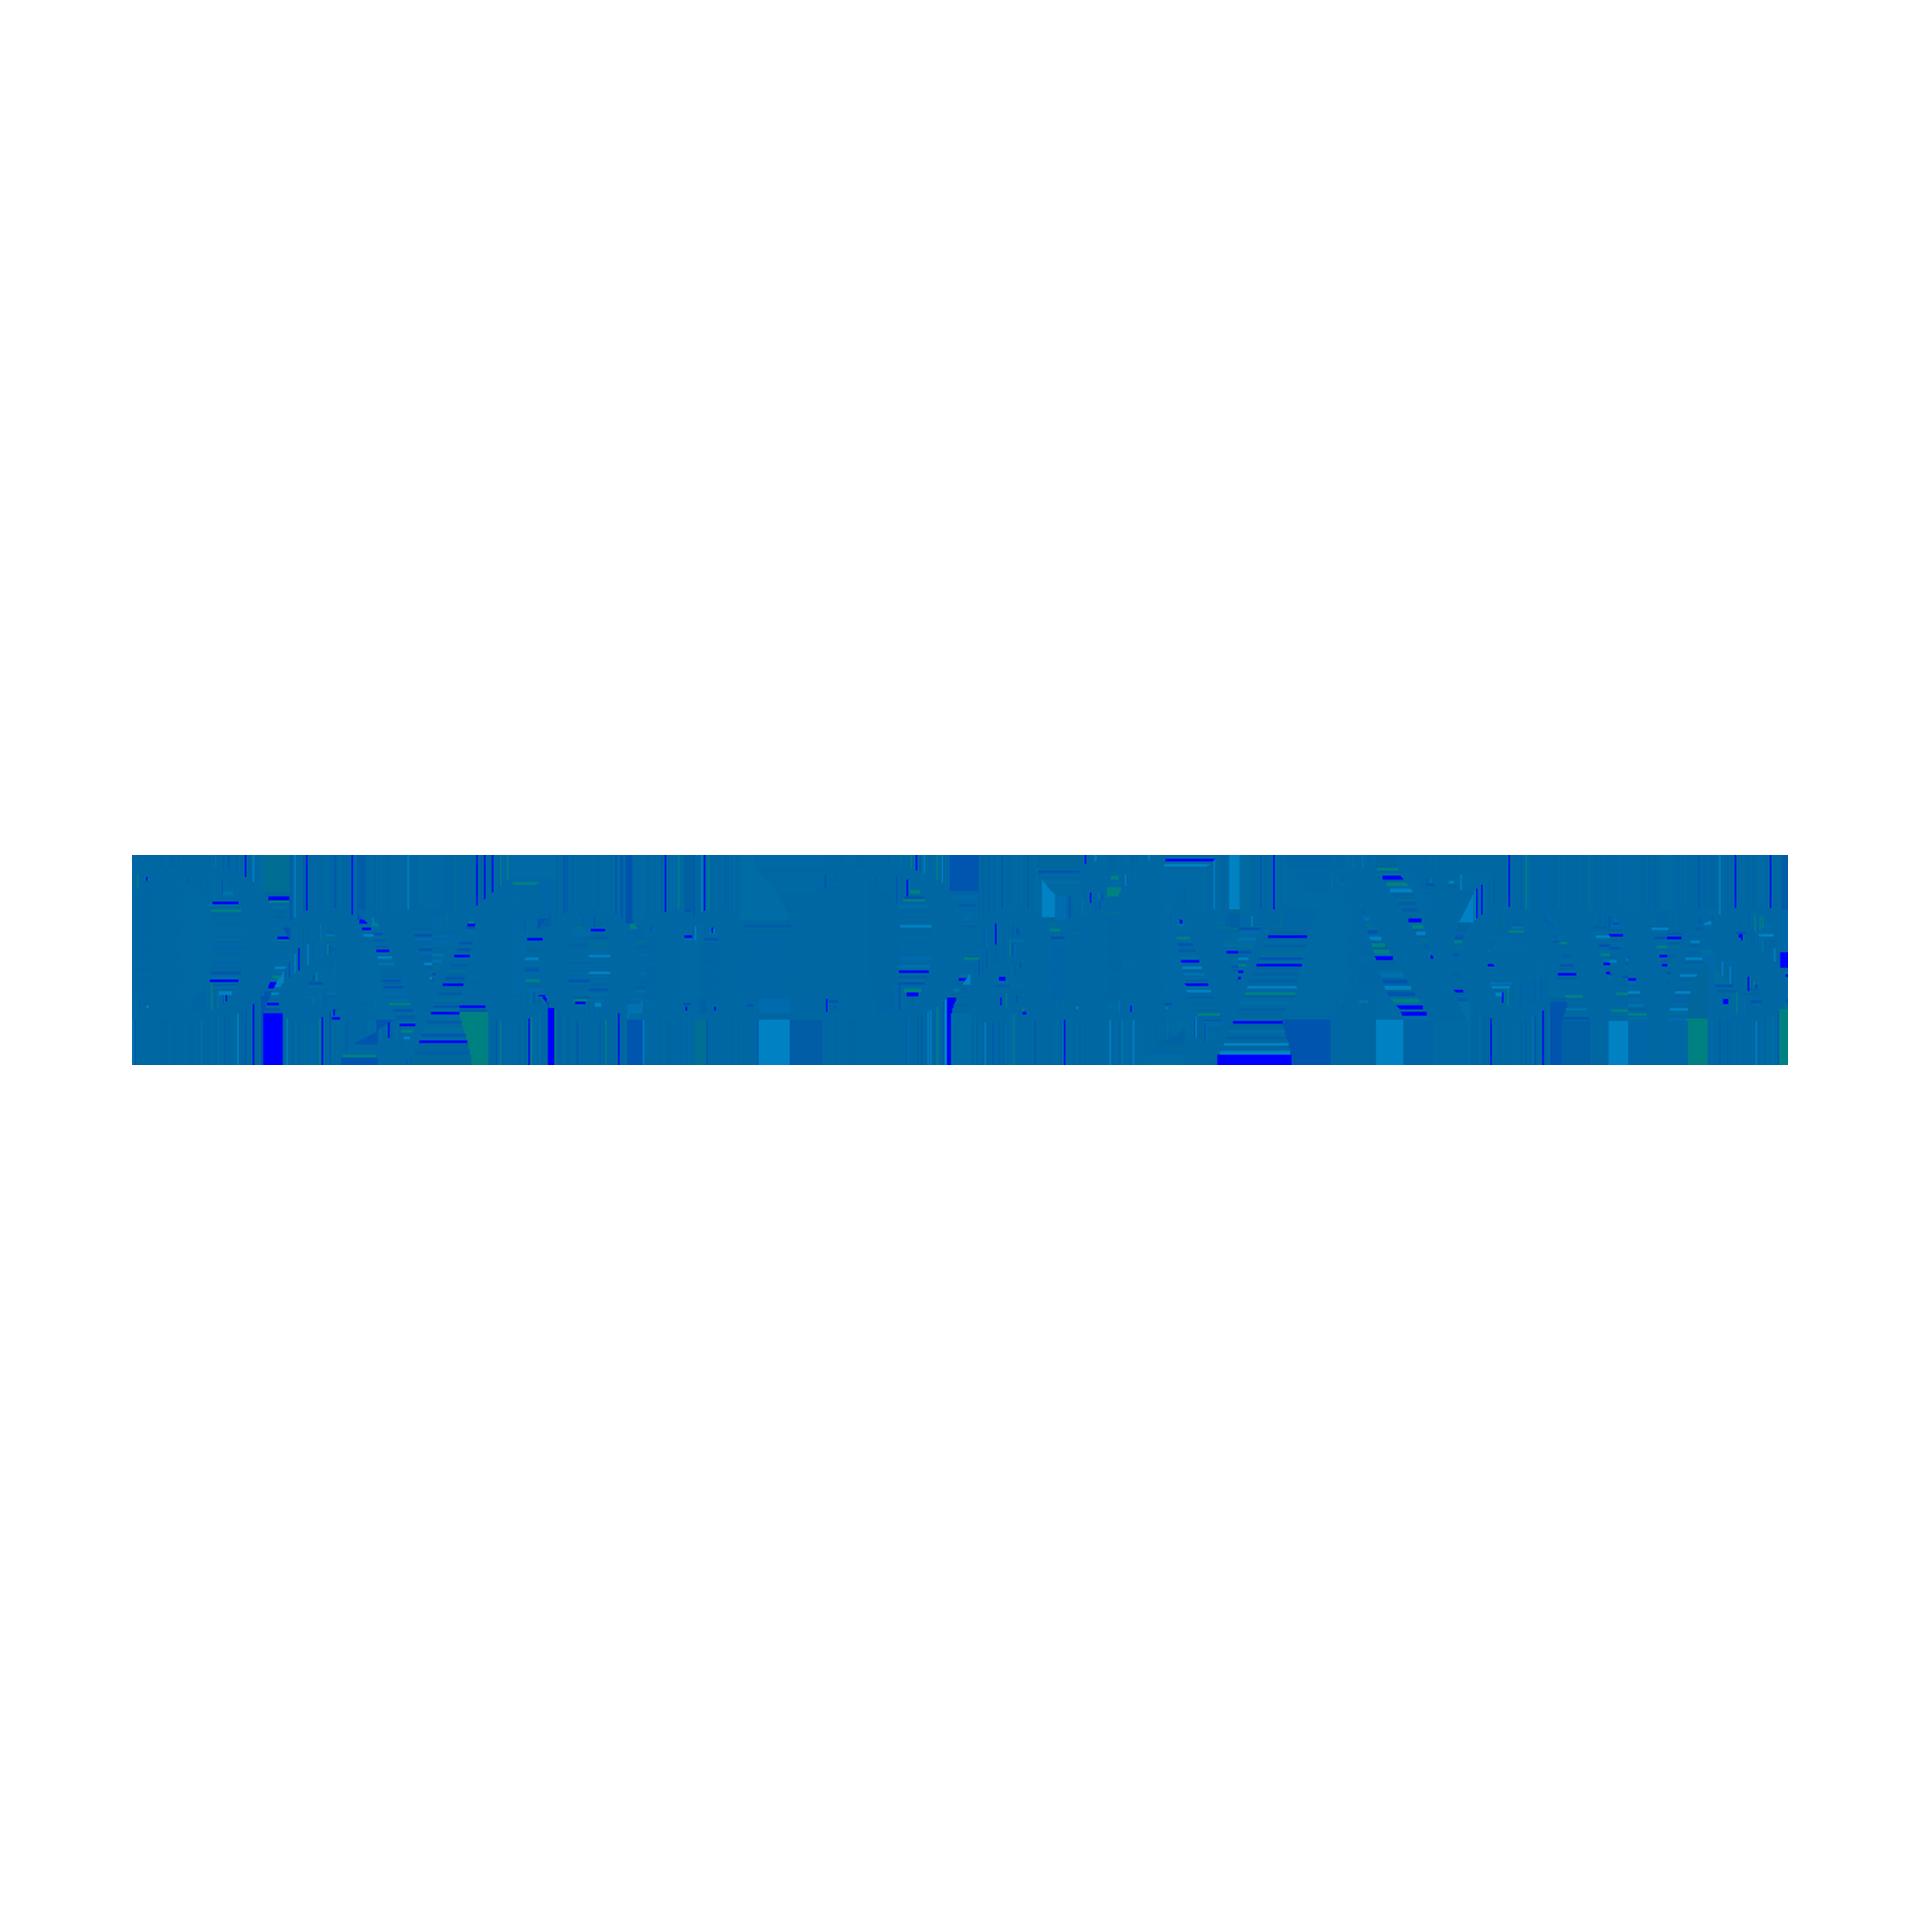 Dailynews_original